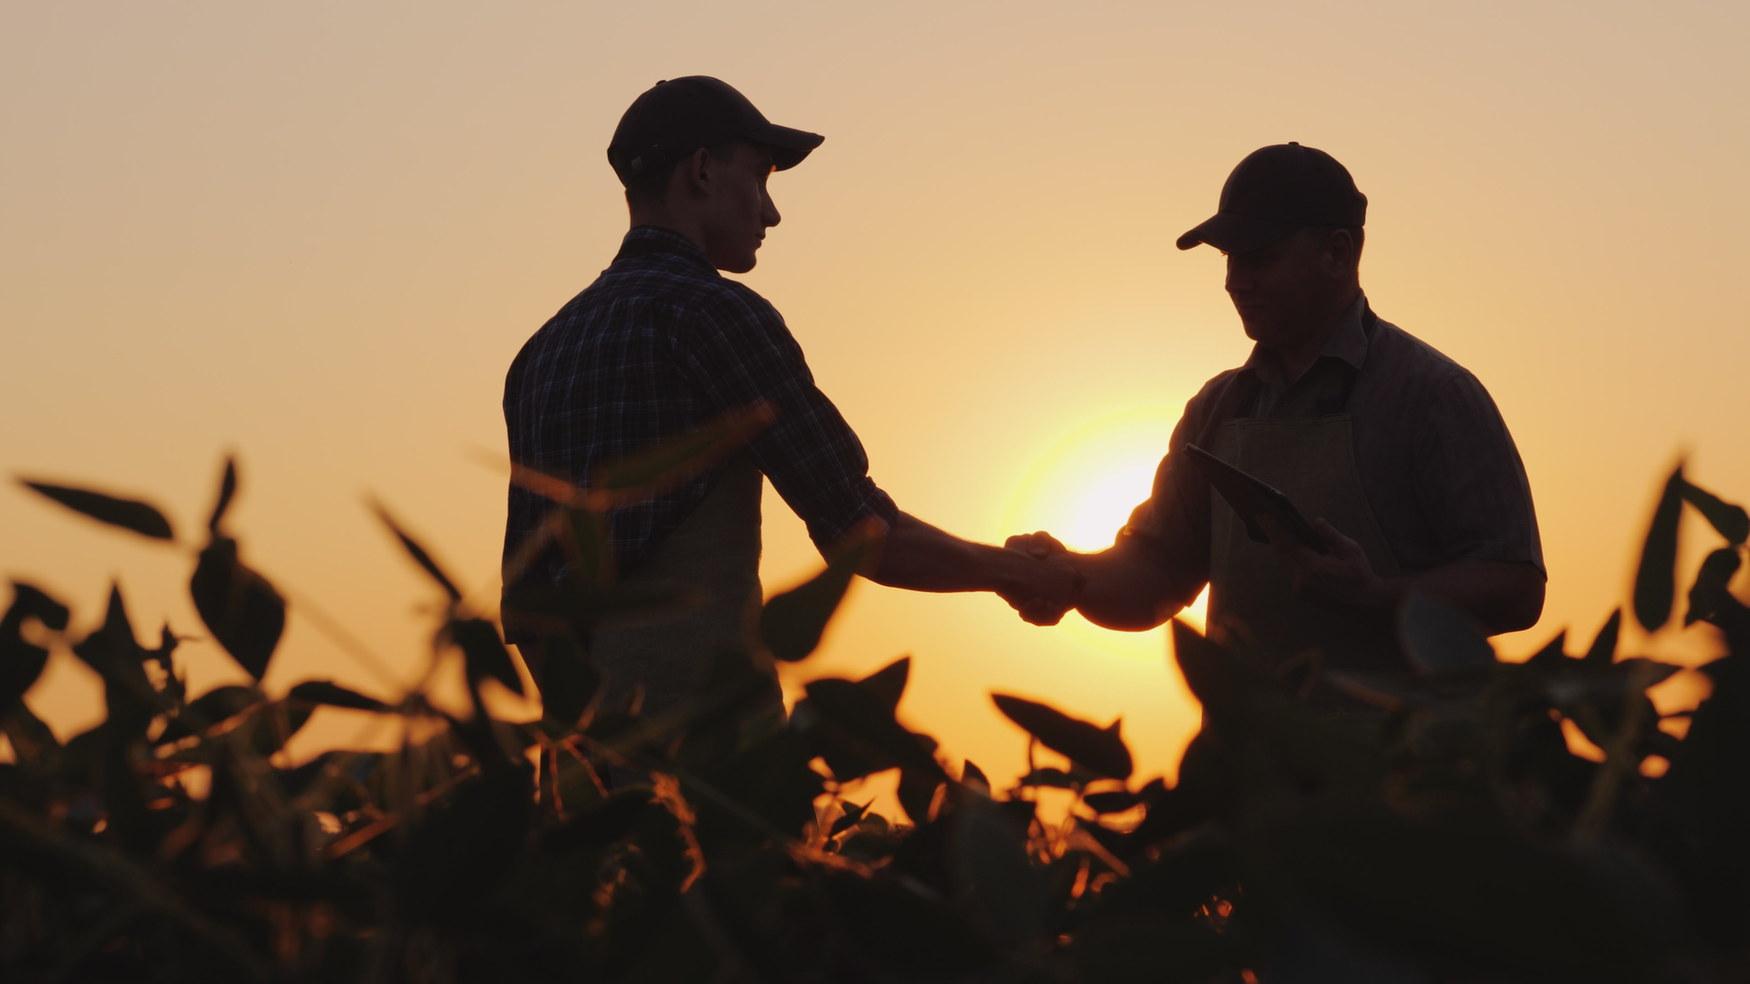 二人の農夫が畑で話し、手を振る